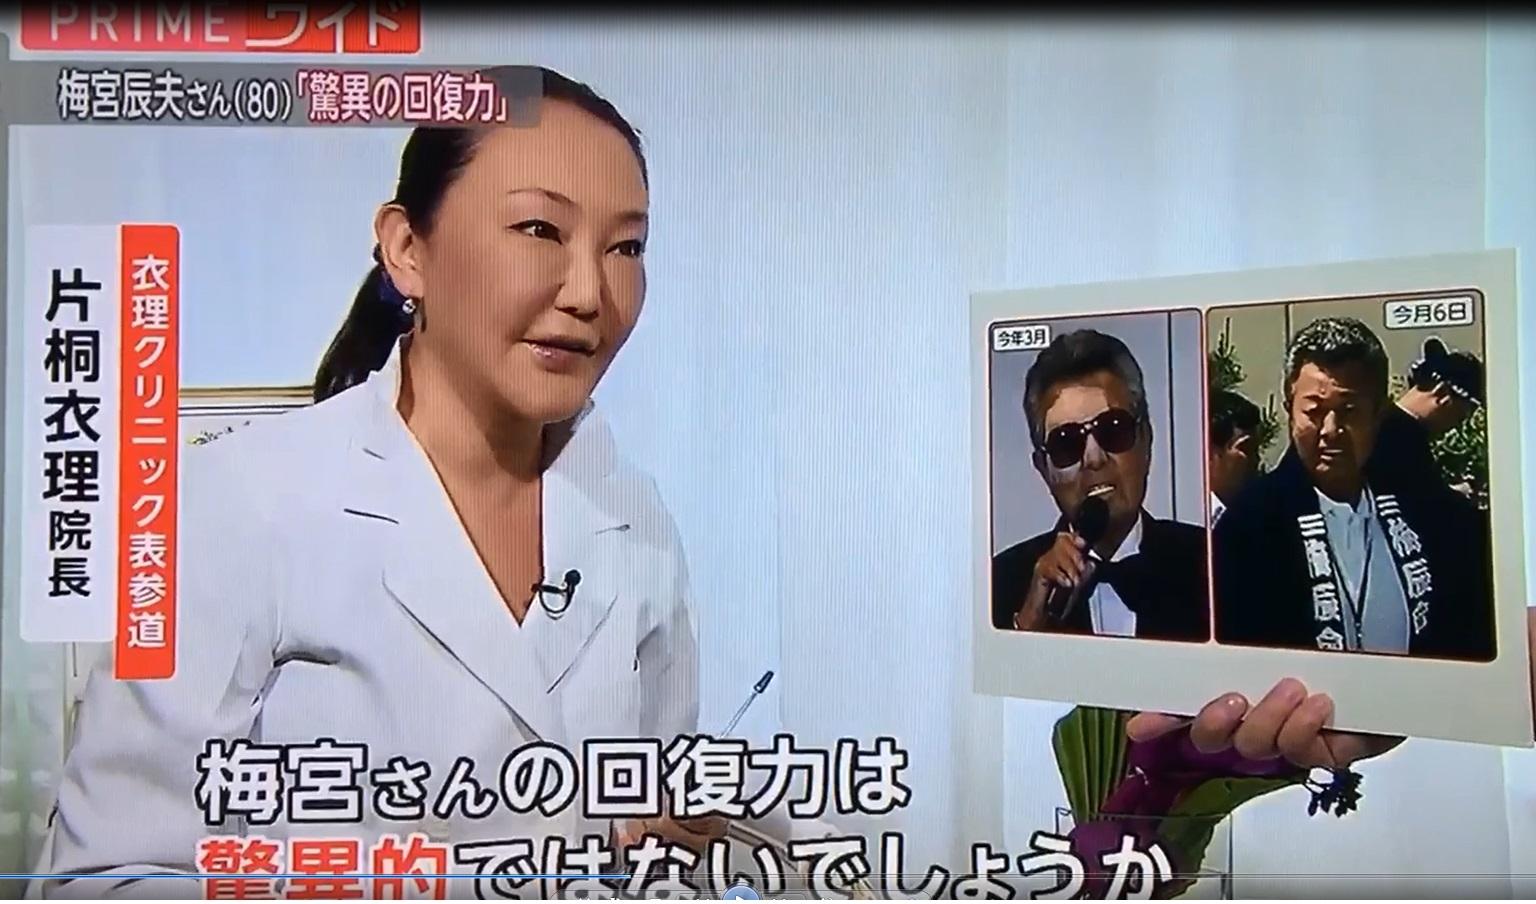 ★5/10(木)フジテレビ 『PRIME news evening』に衣理院長が出演しました! イメージ